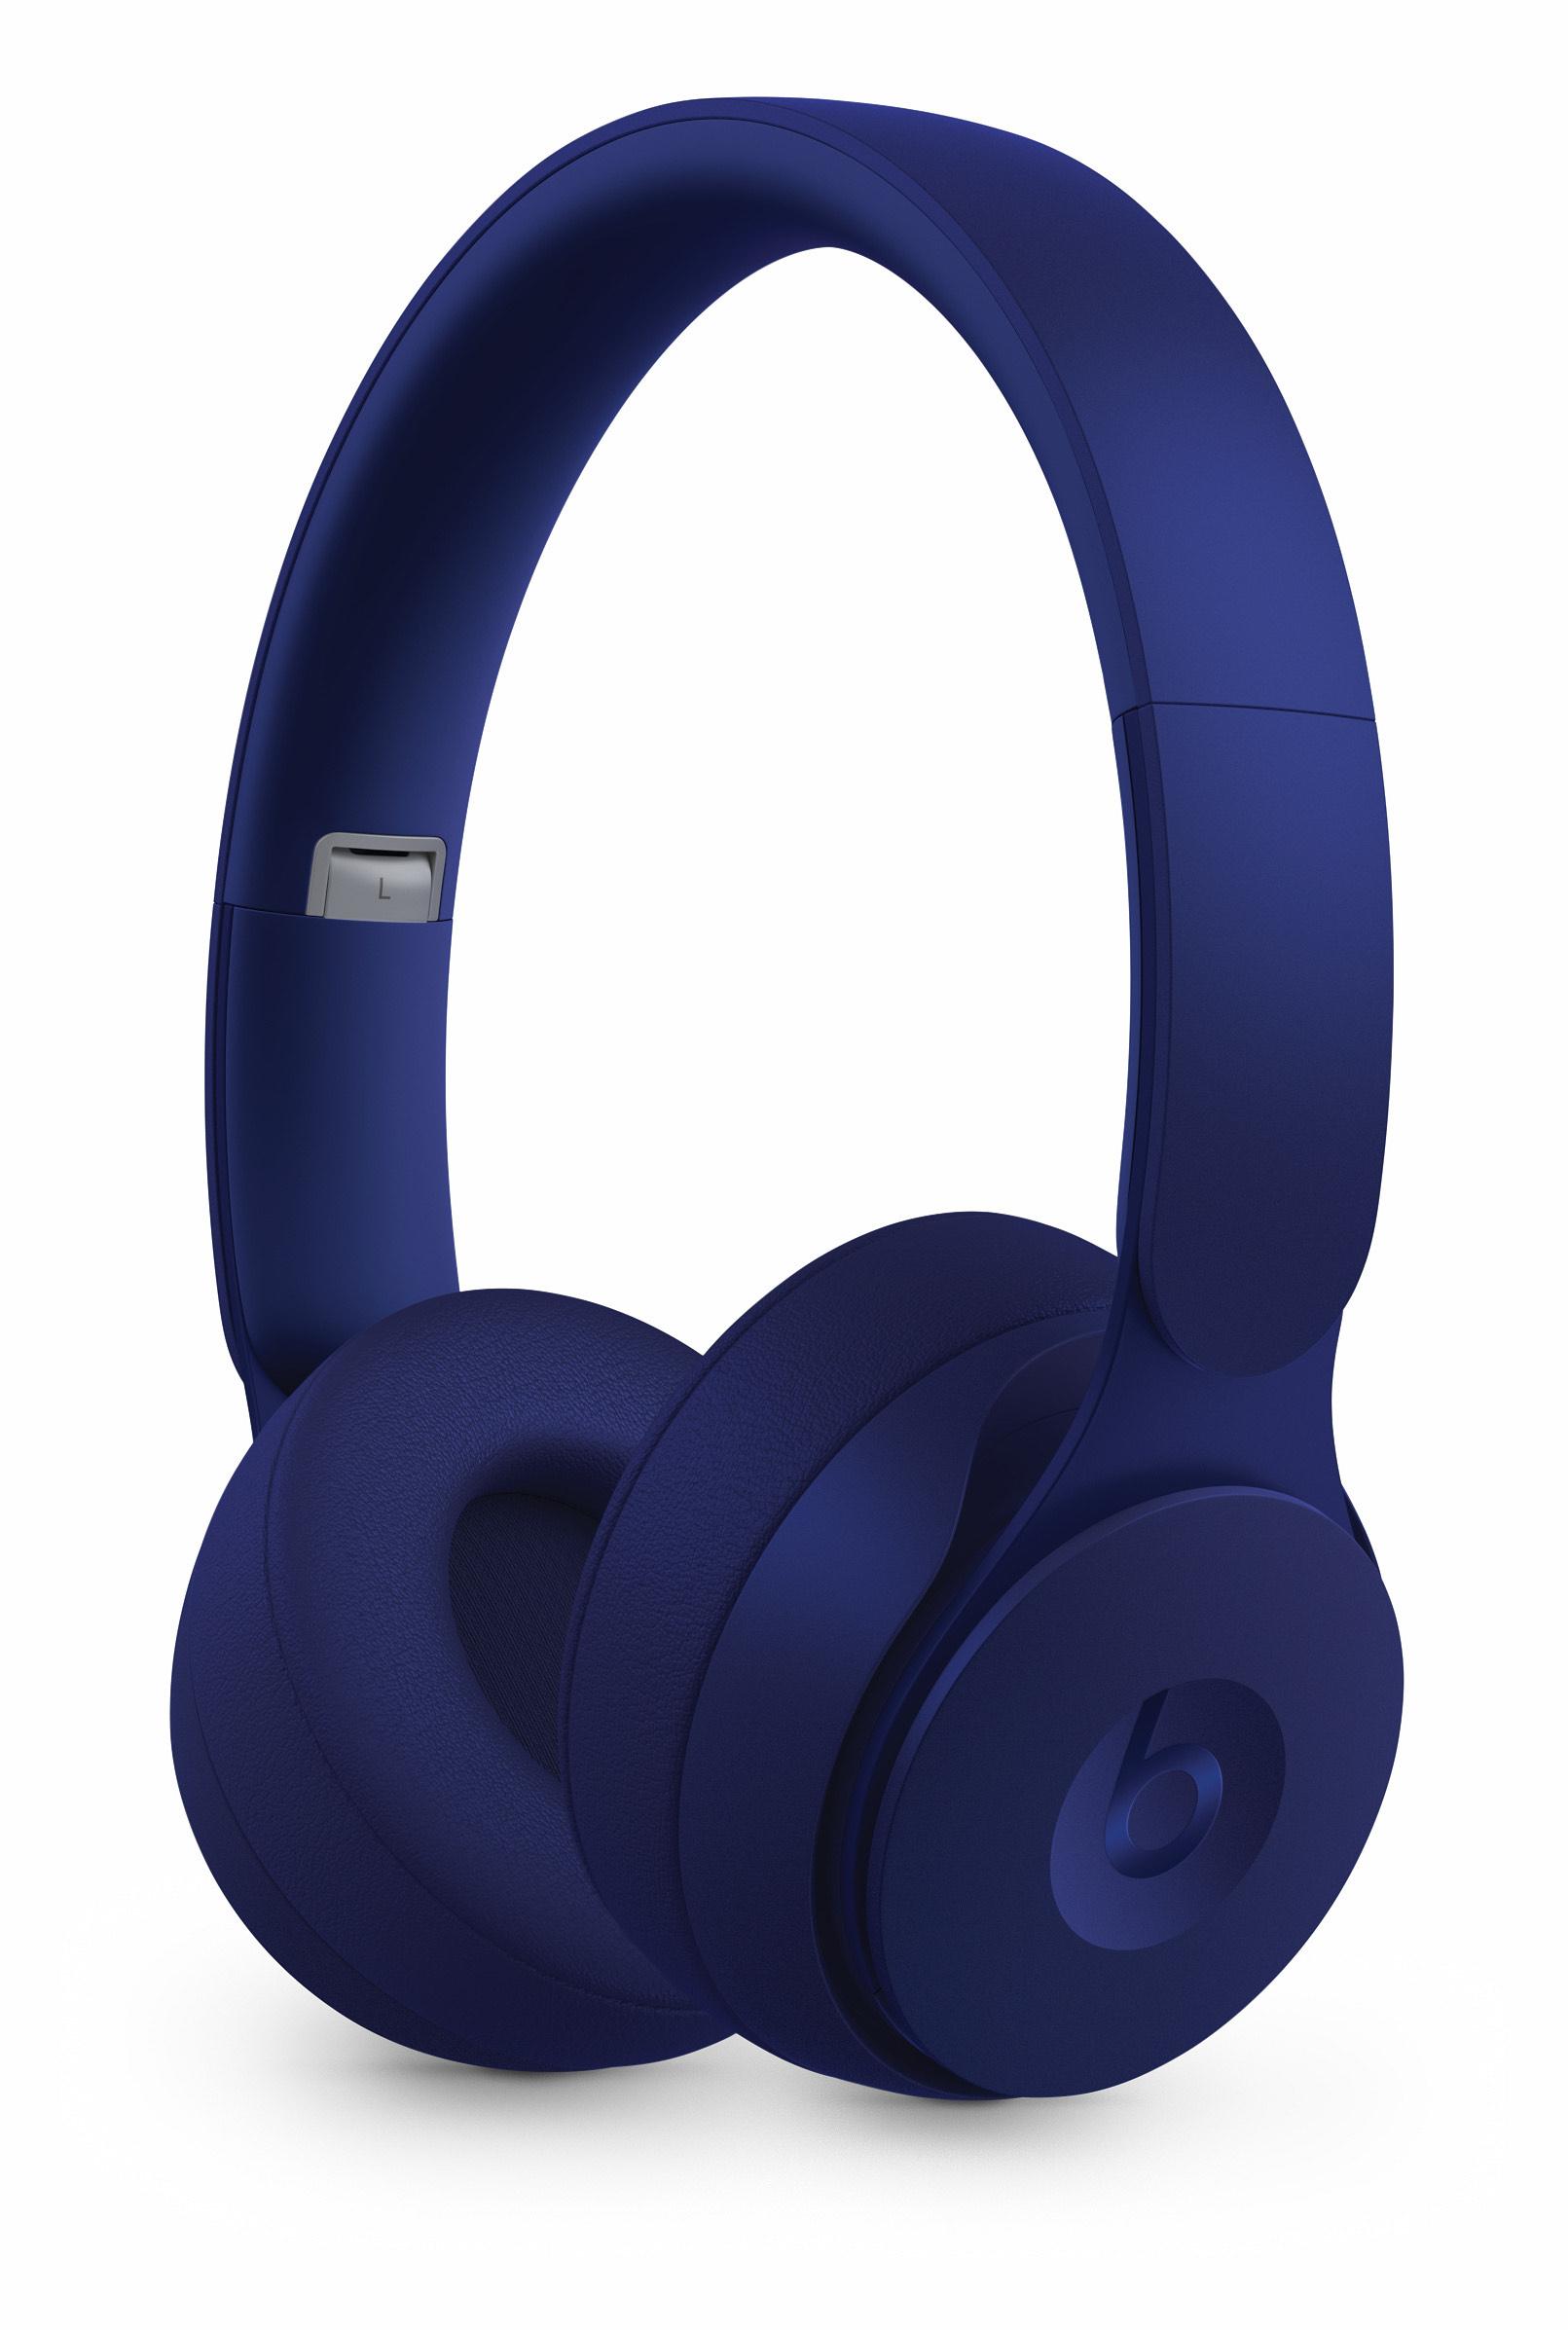 Casque audio sans-fil à réduction de bruit Beats By Dre Solo Pro - bleu foncé ou rouge